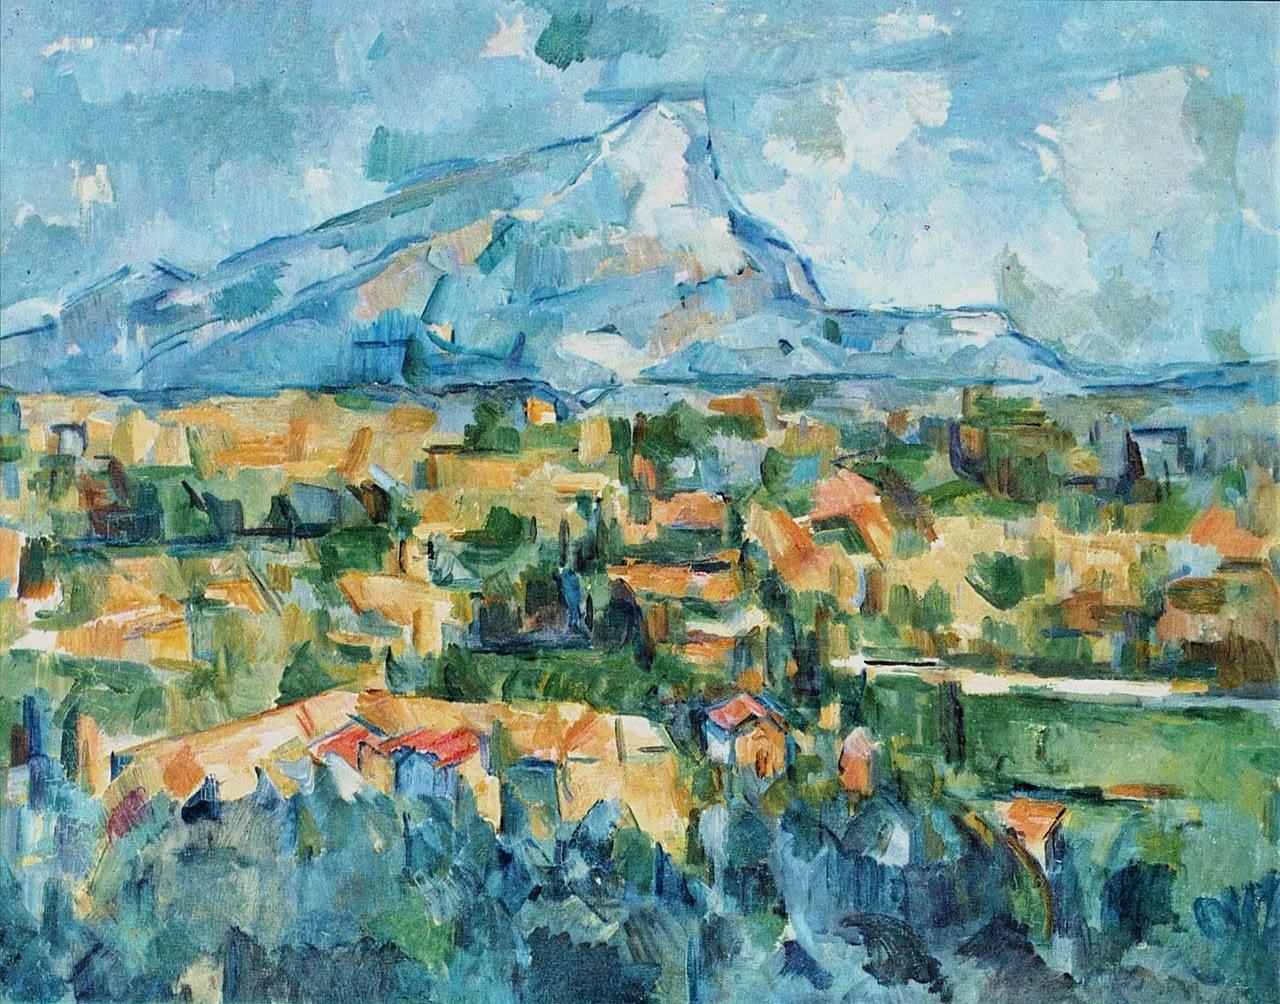 Cézanne, Montagne Sainte-Victoire (1904)